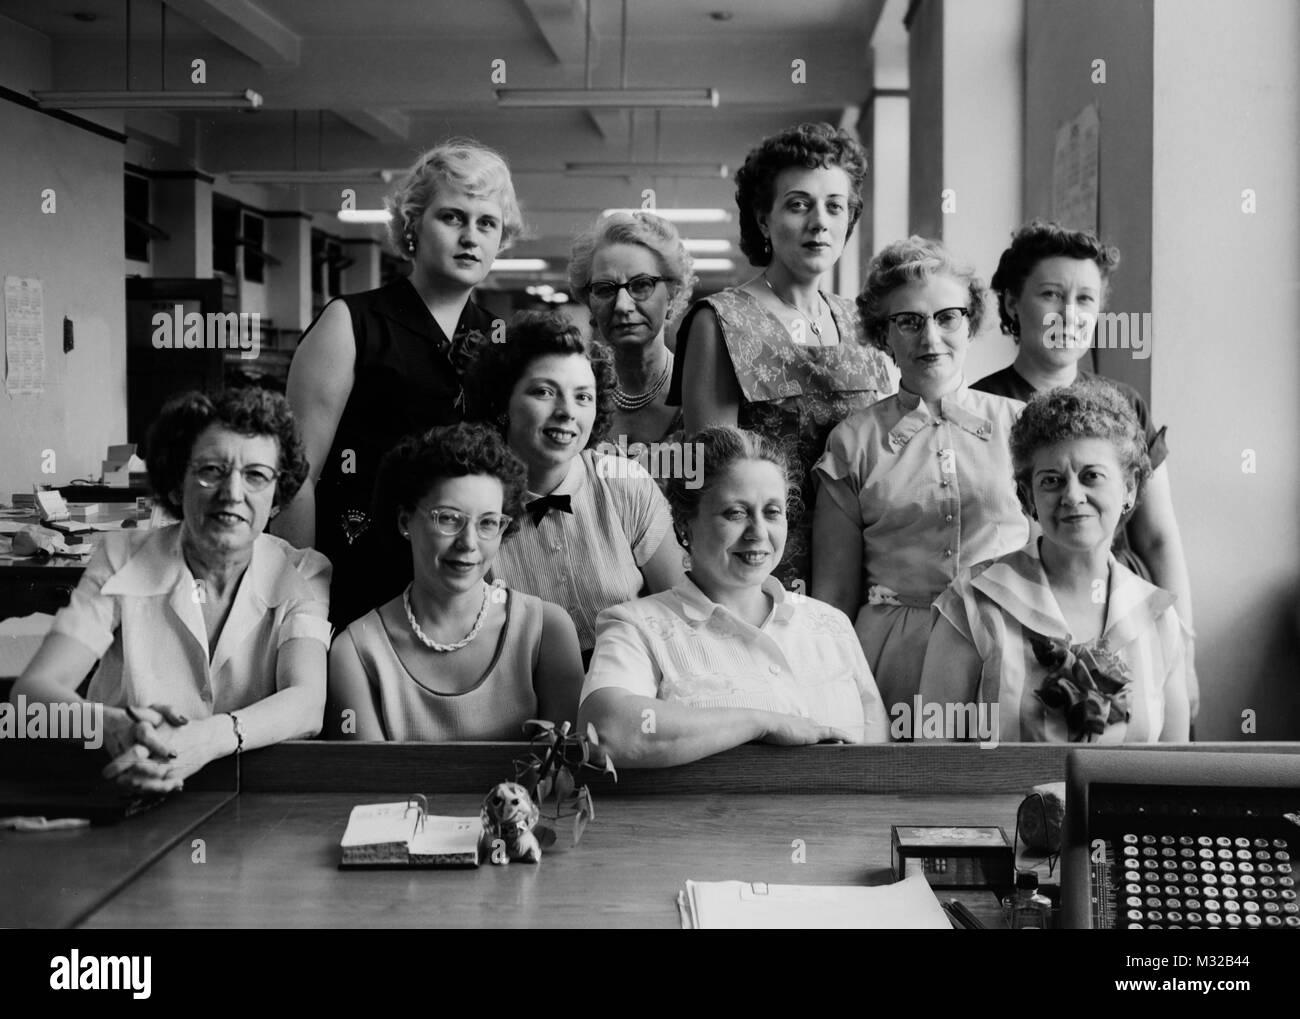 Group shot of the secretarial pool, ca. 1958. - Stock Image